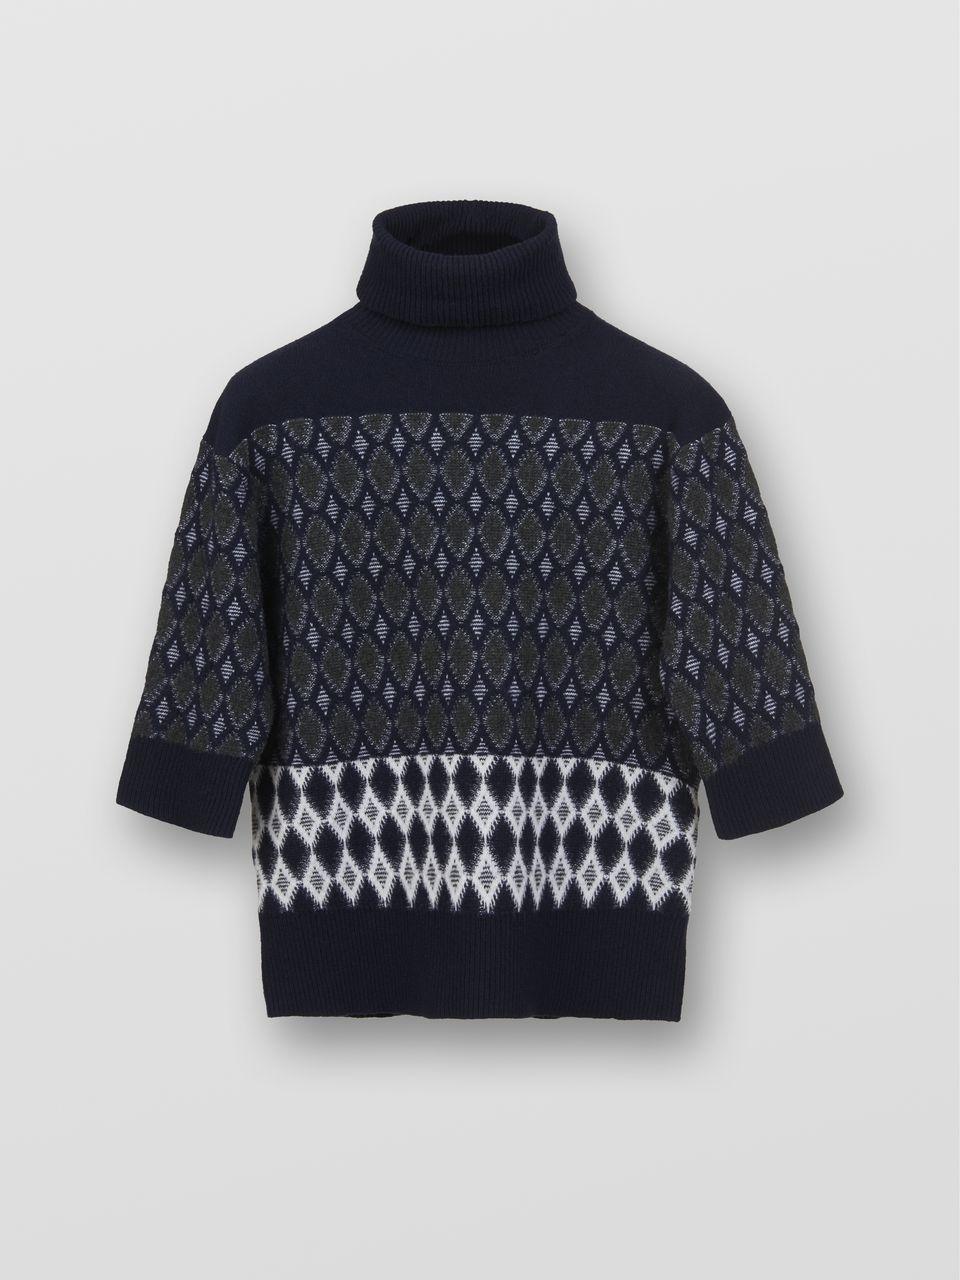 芸能人が記者会見 屍人荘の殺人で着用した衣装ニット、シャツ